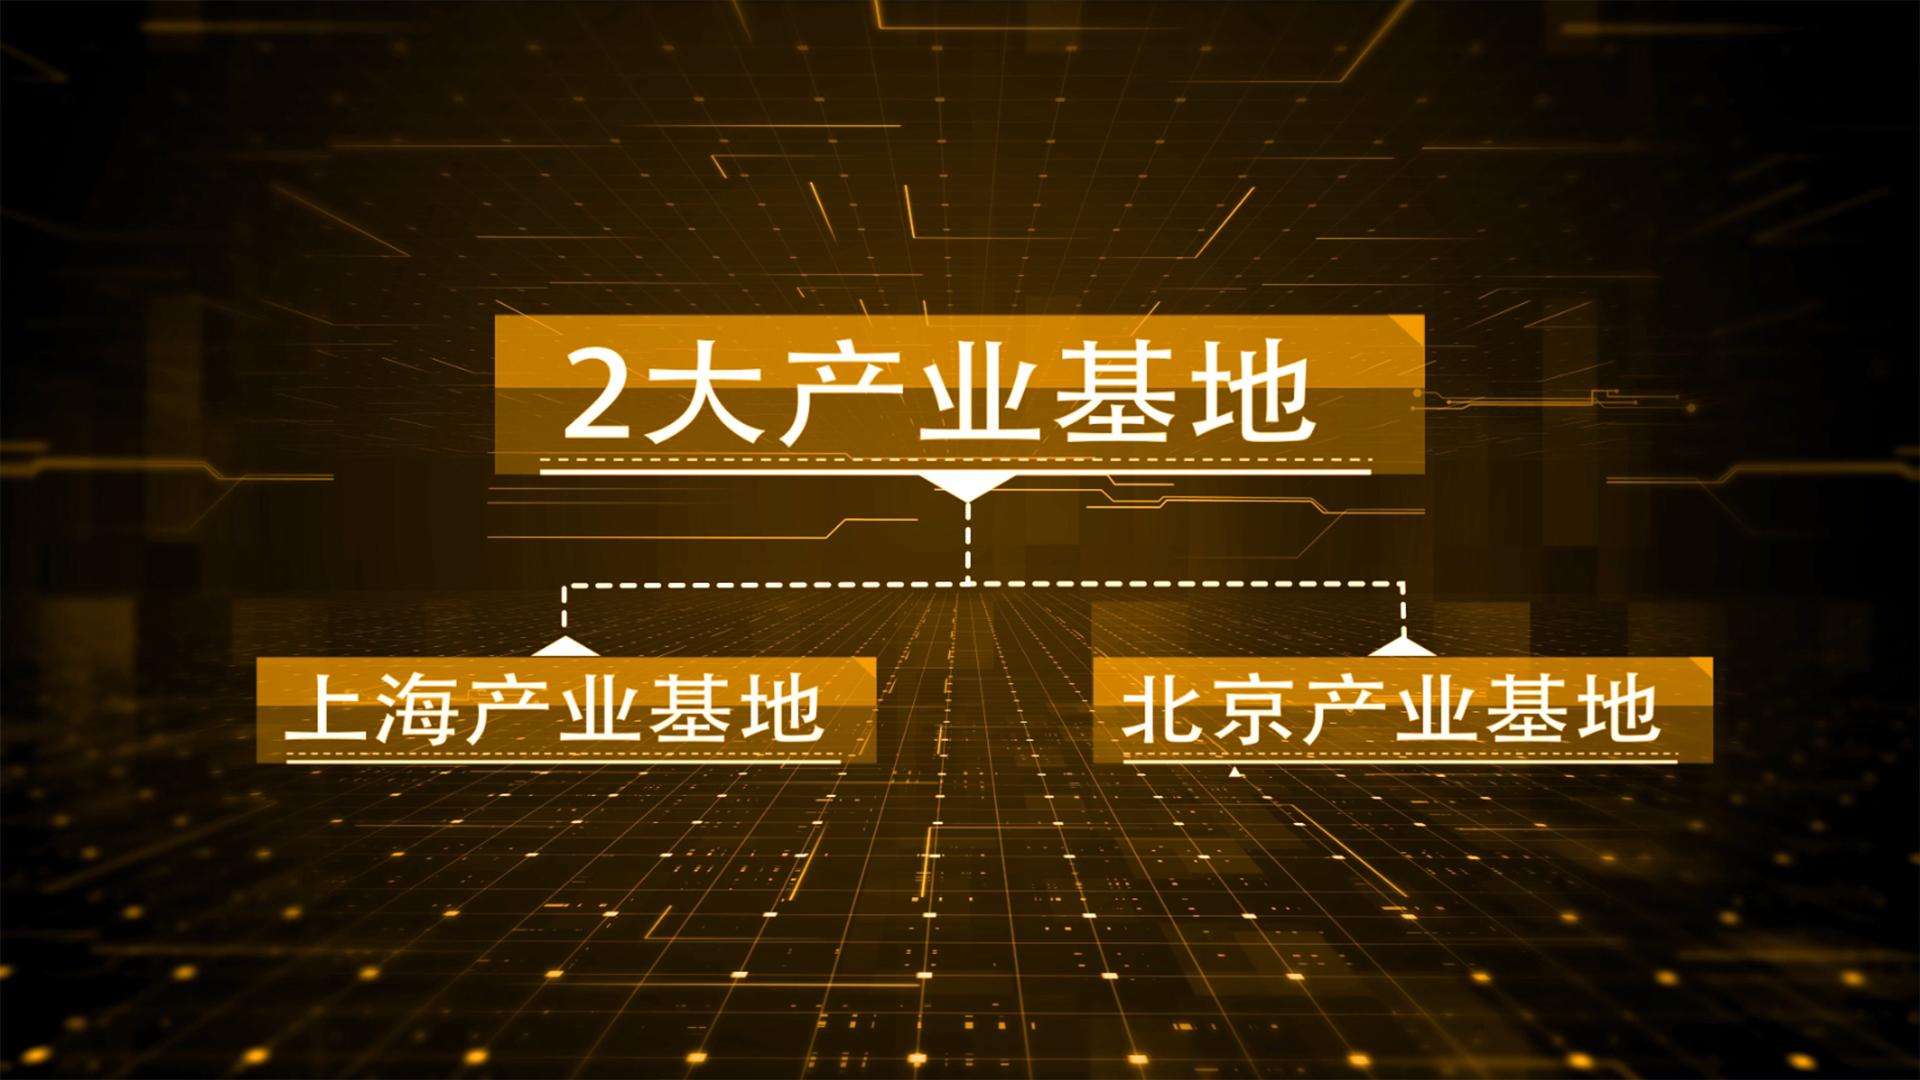 企业架构框架信息文字展示AE模板